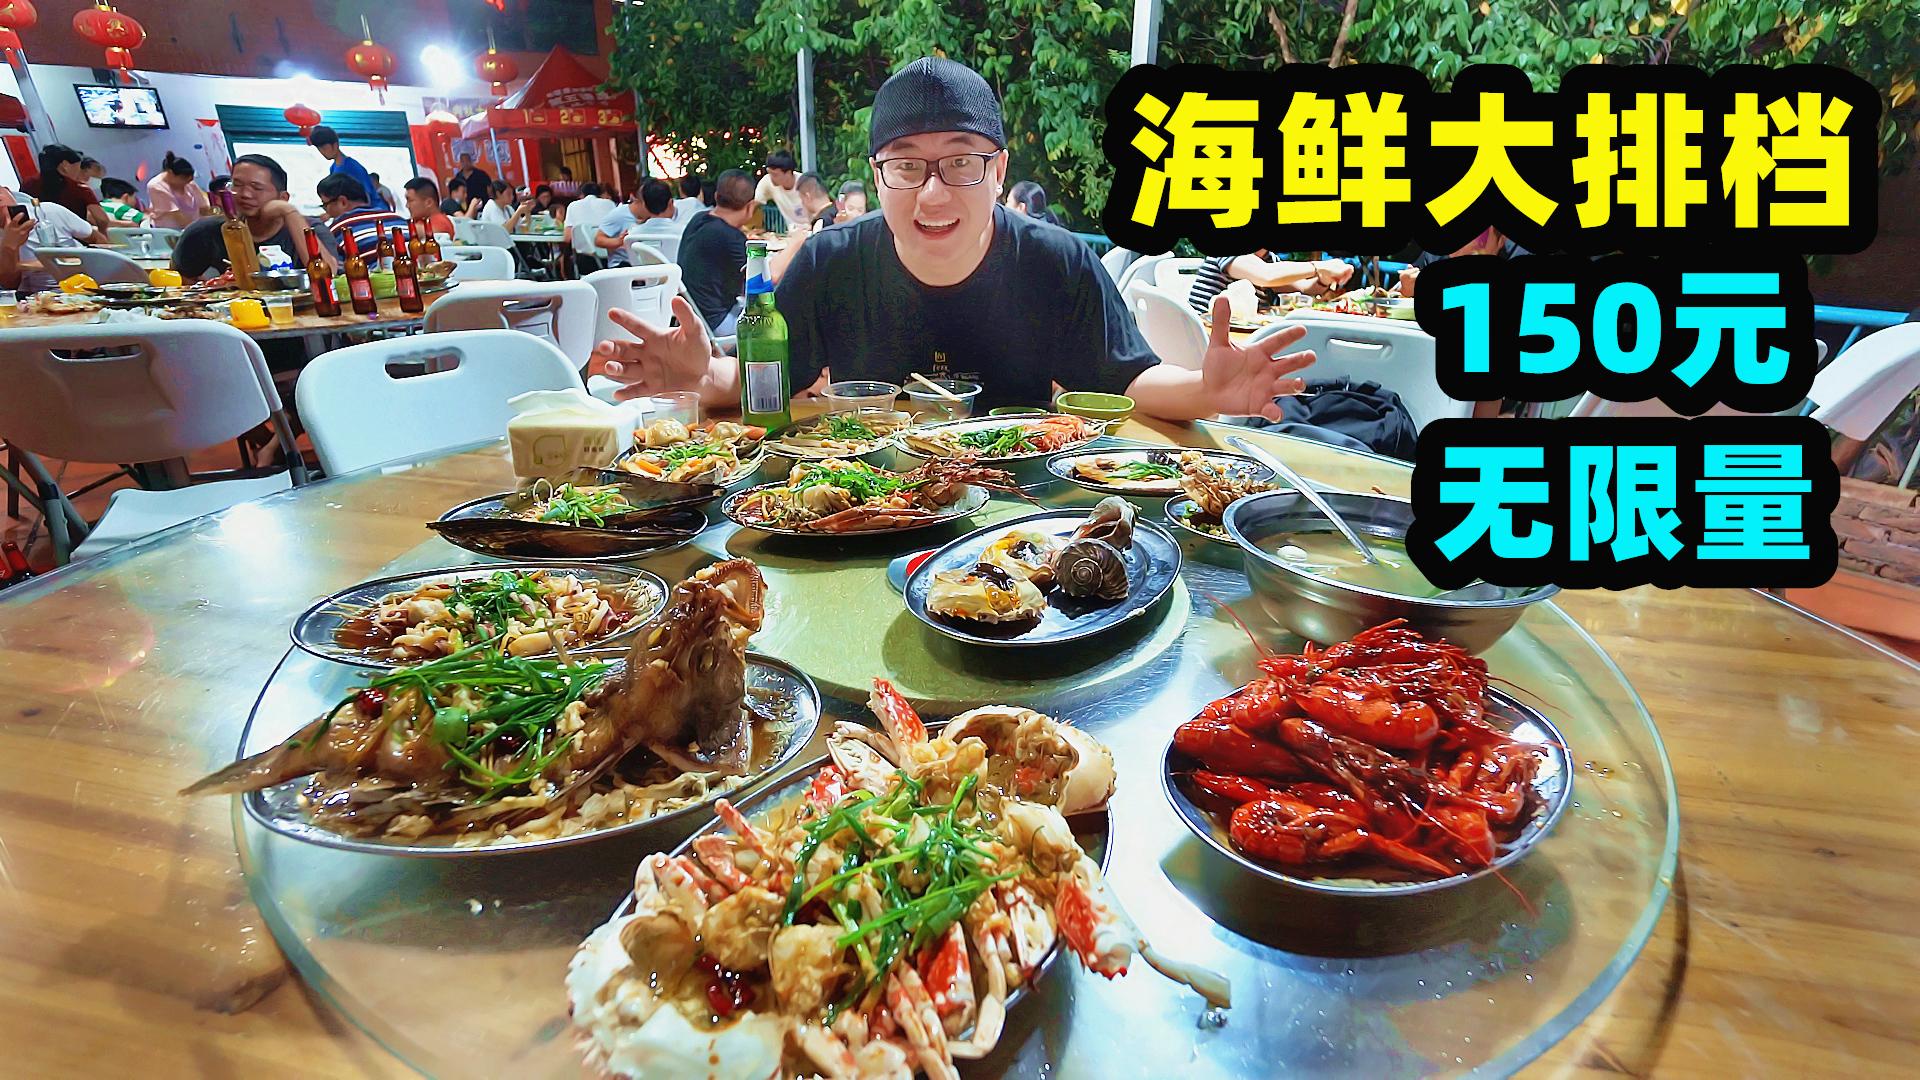 厦门村子大排档,150元无限量,场面像农村宴席,阿星吃生猛海鲜